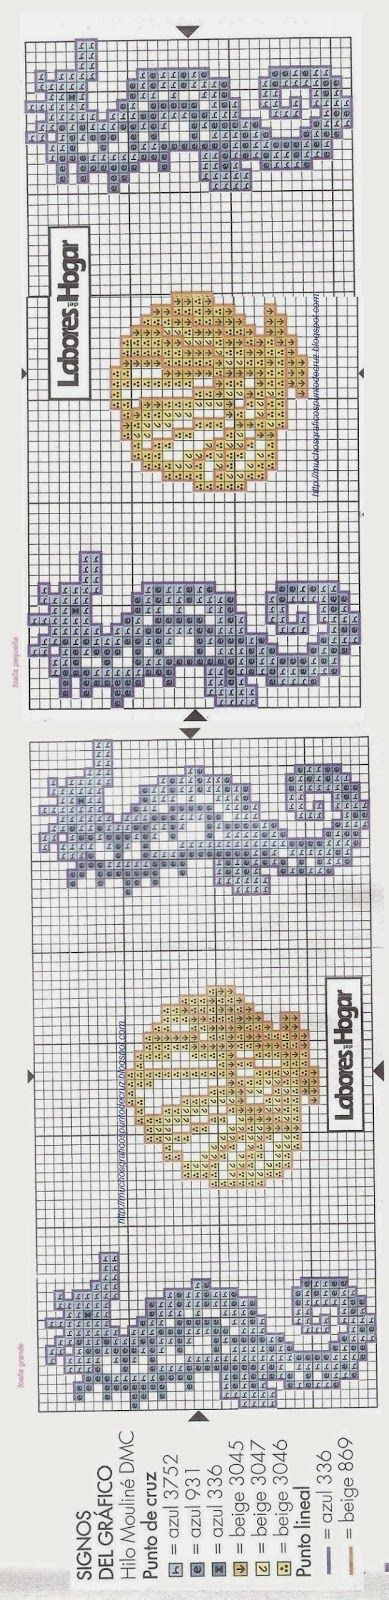 como hacer un jersey de punto pano a pano patrones